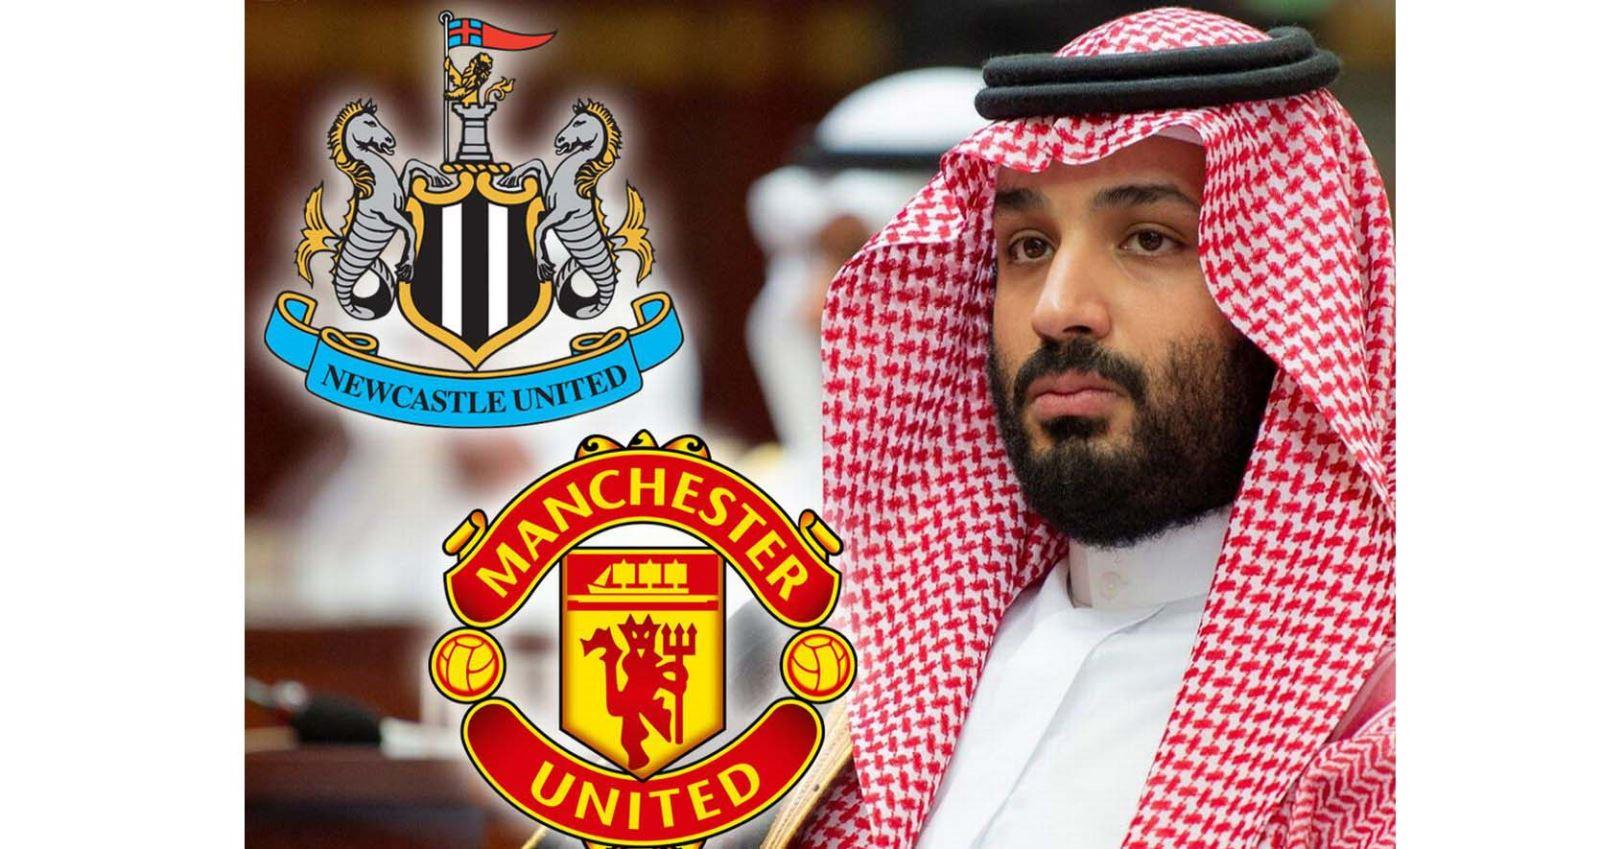 MU, salah, real madrid, liverpool, sarri, juventus, trực tiếp bóng đá, manchester united, lịch thi đấu bóng đá, Pep Guardiola